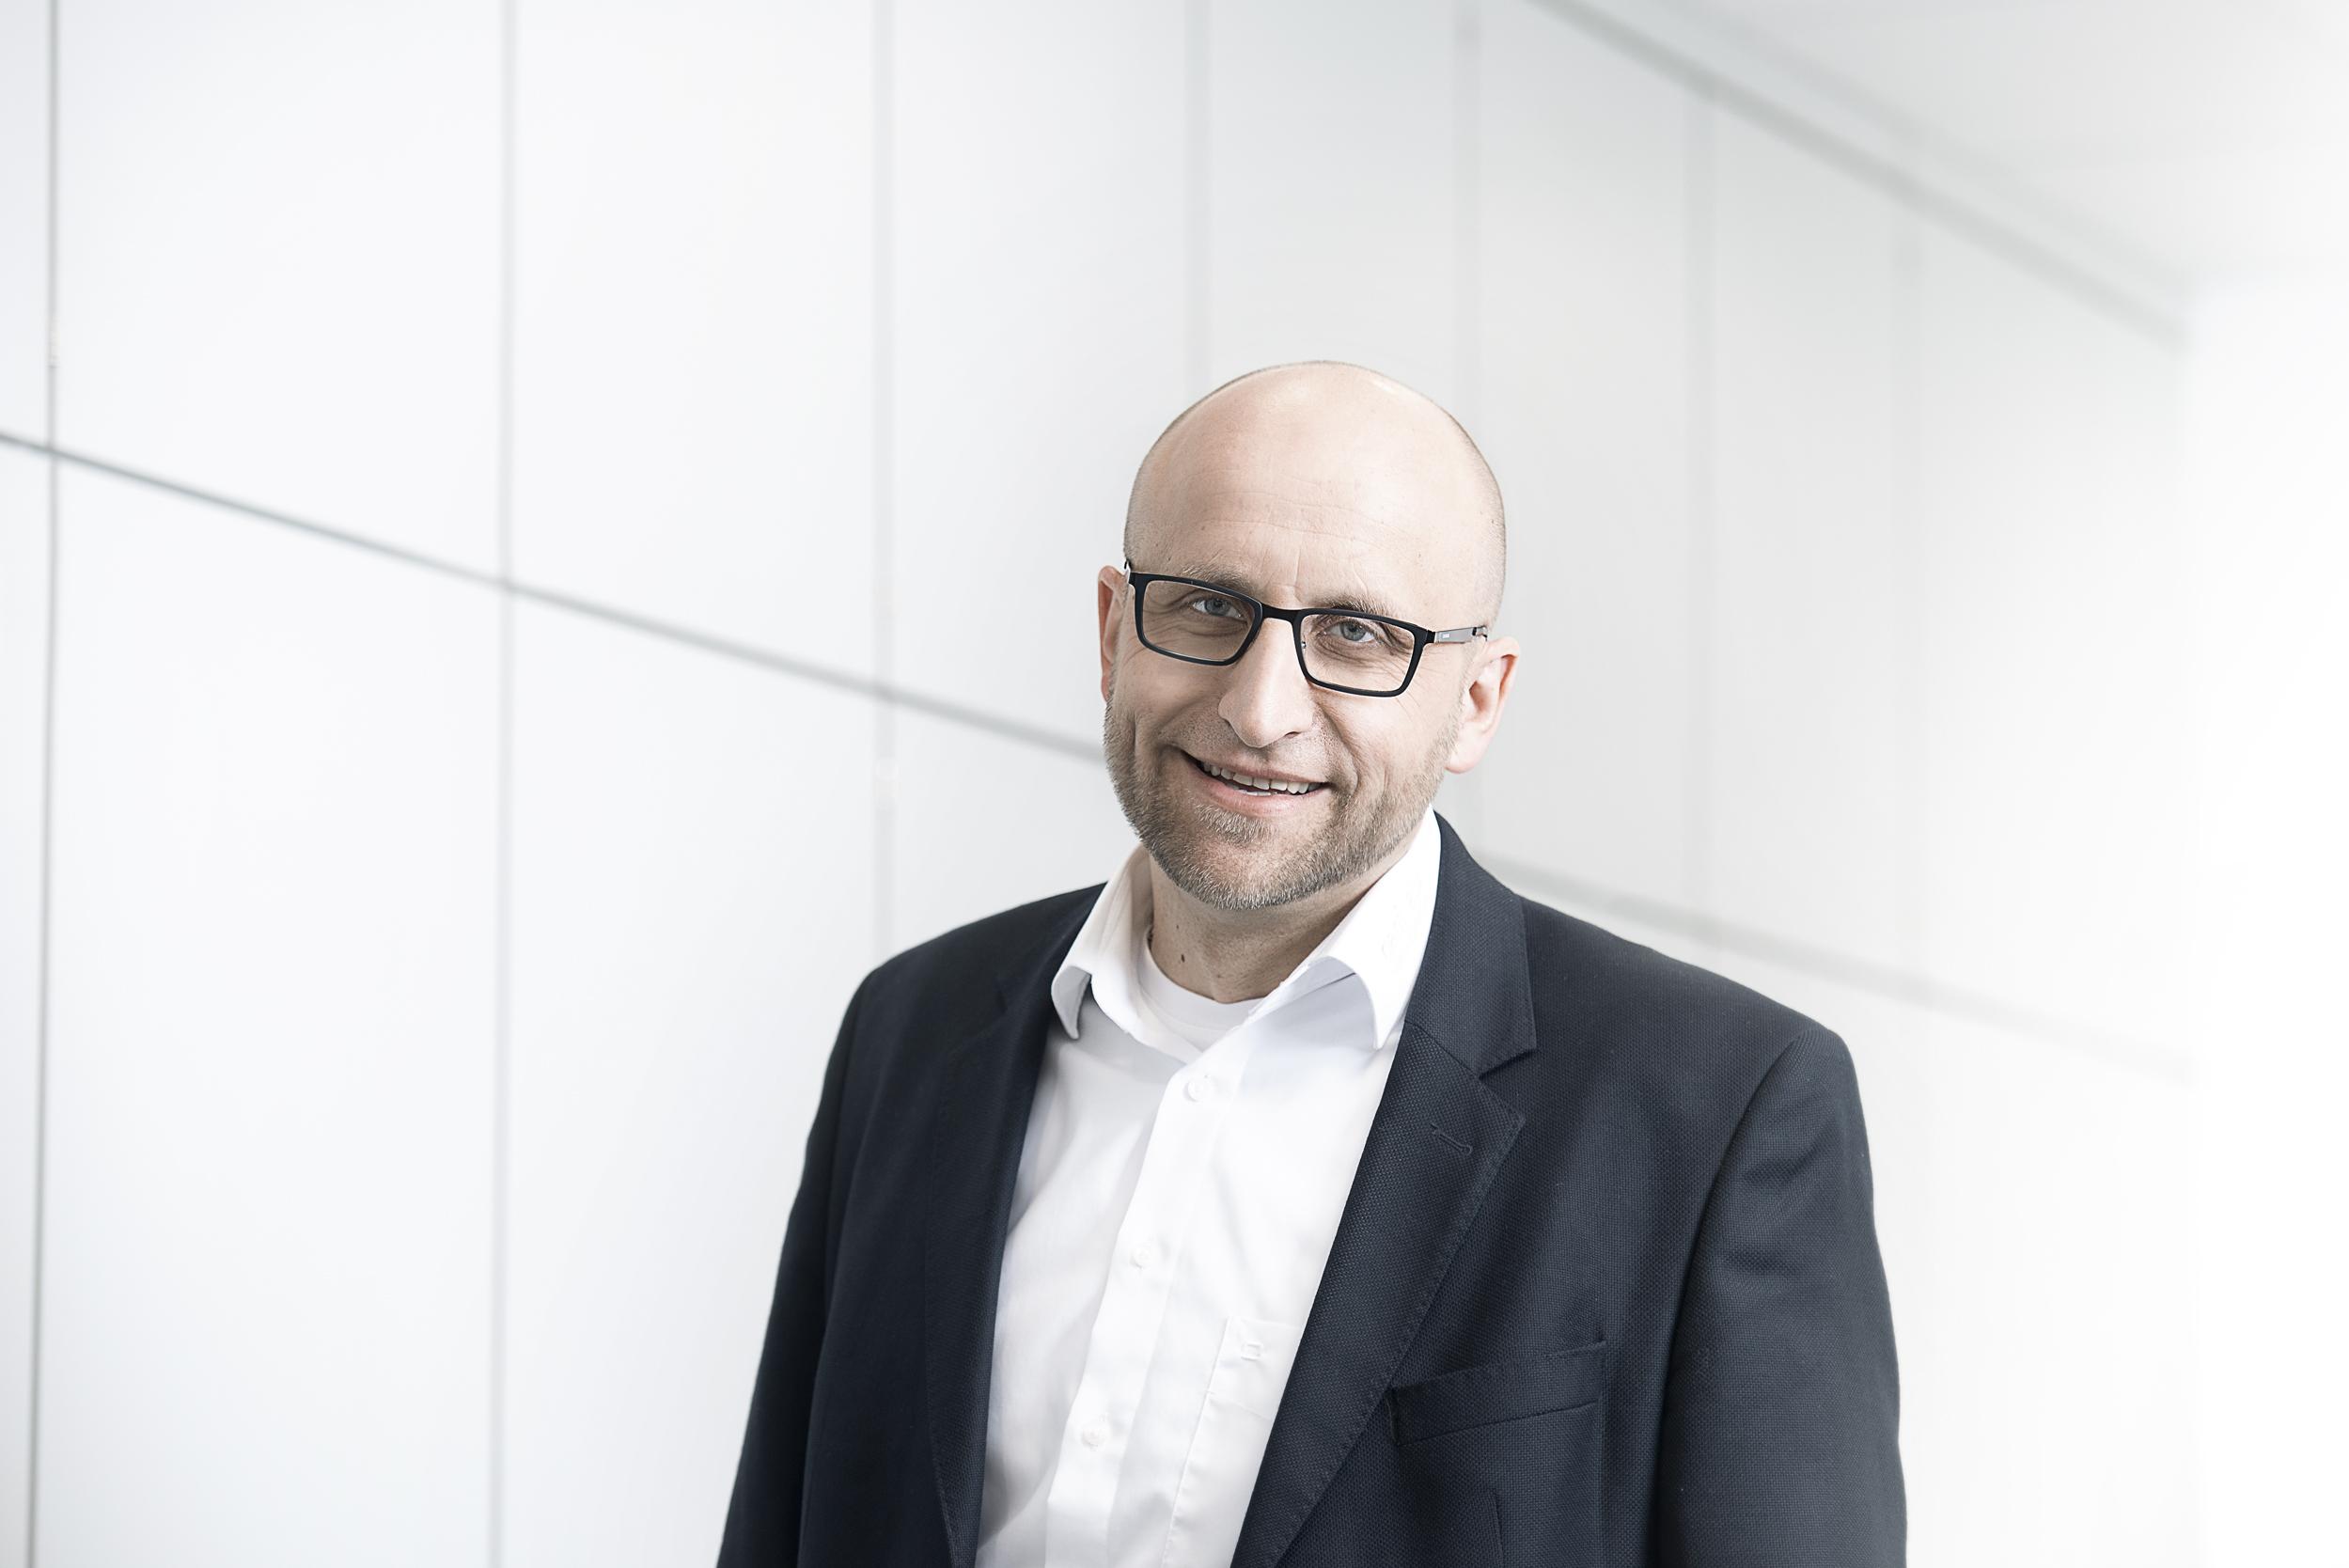 Martin Stefanski